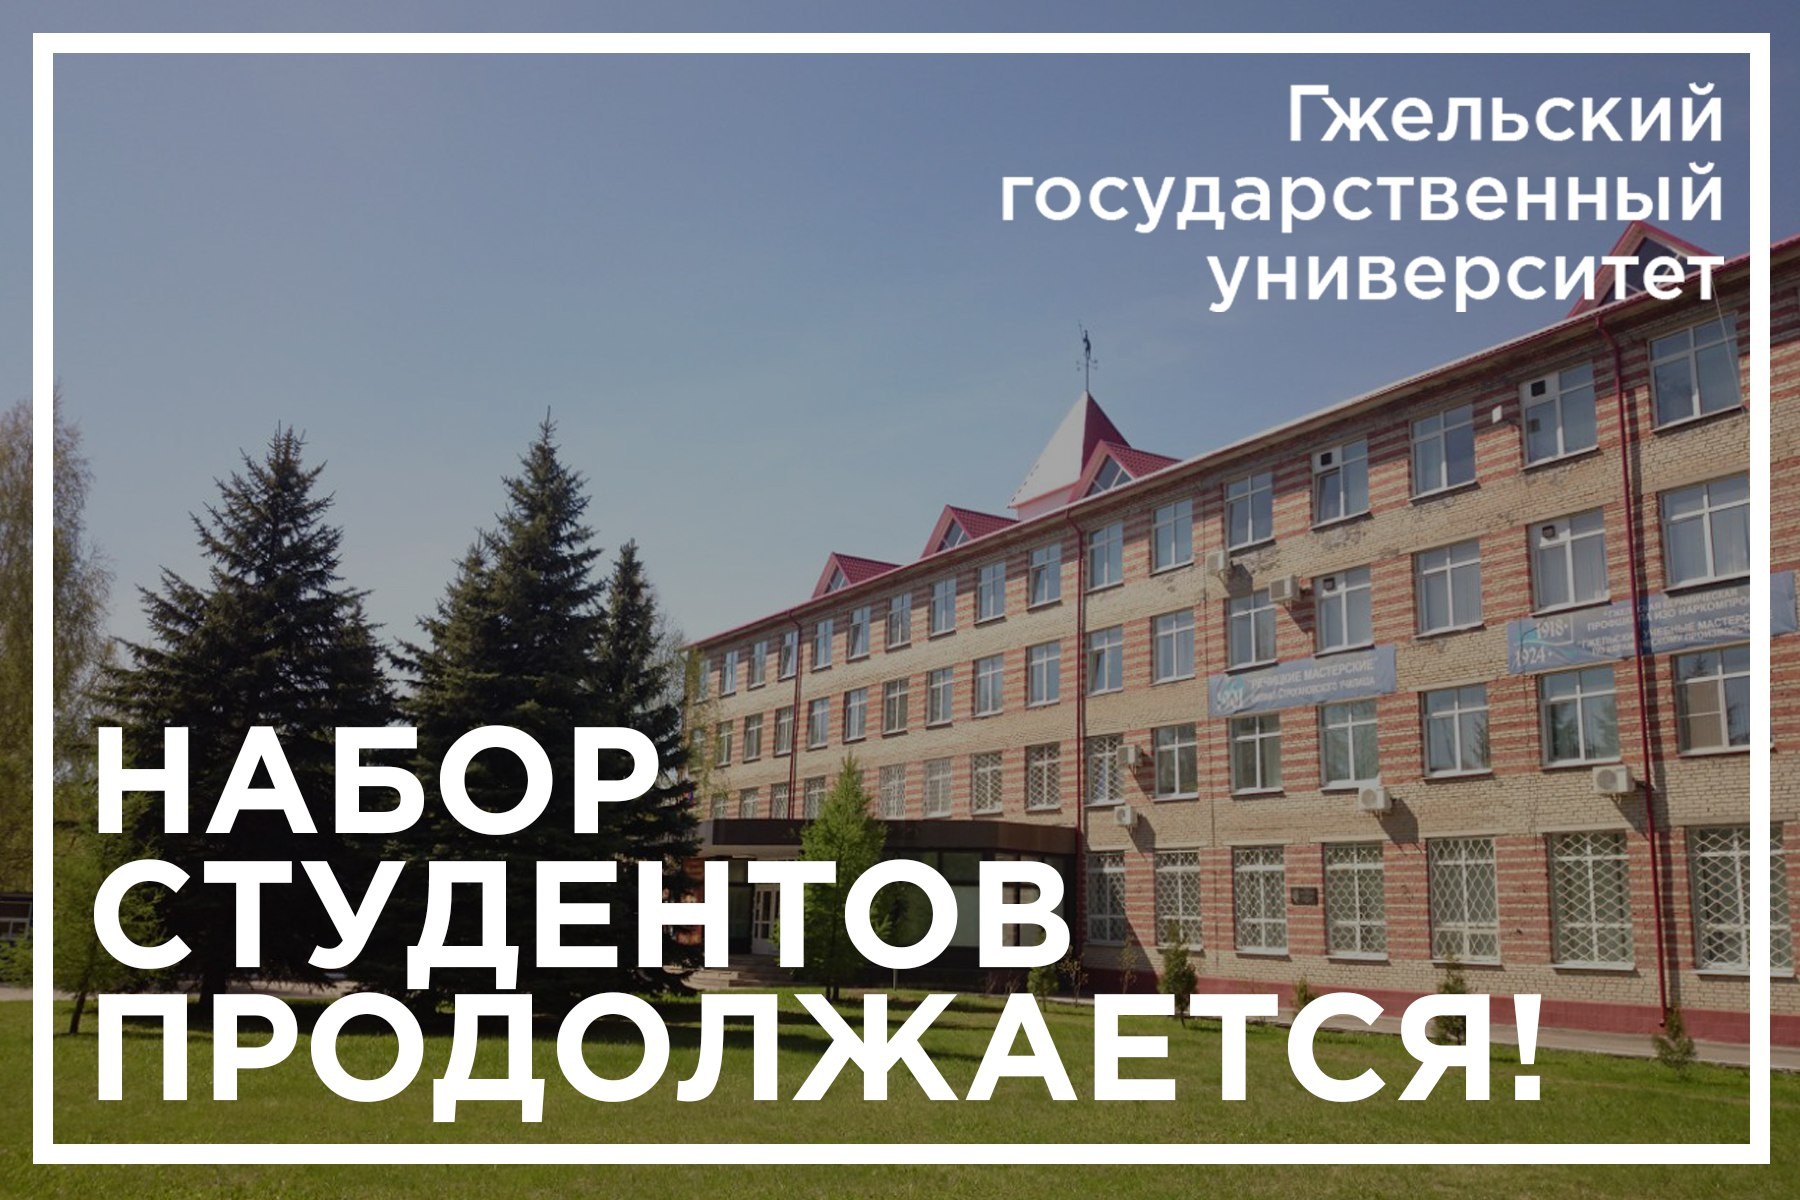 Гжельский государственный университет продолжает набор студентов!